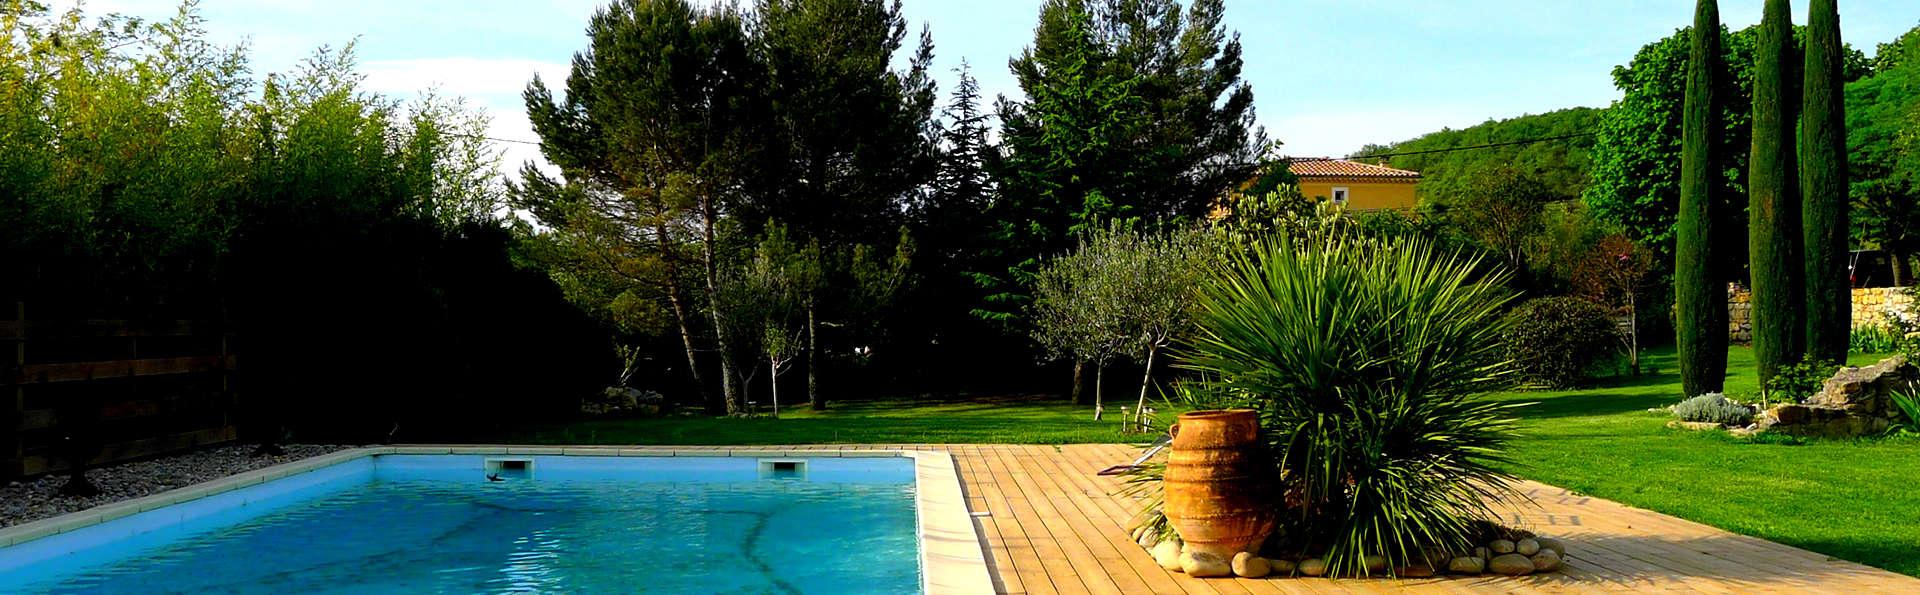 Chambre d'Hôtes - Domaine de la Manse - Edit_Pool.jpg